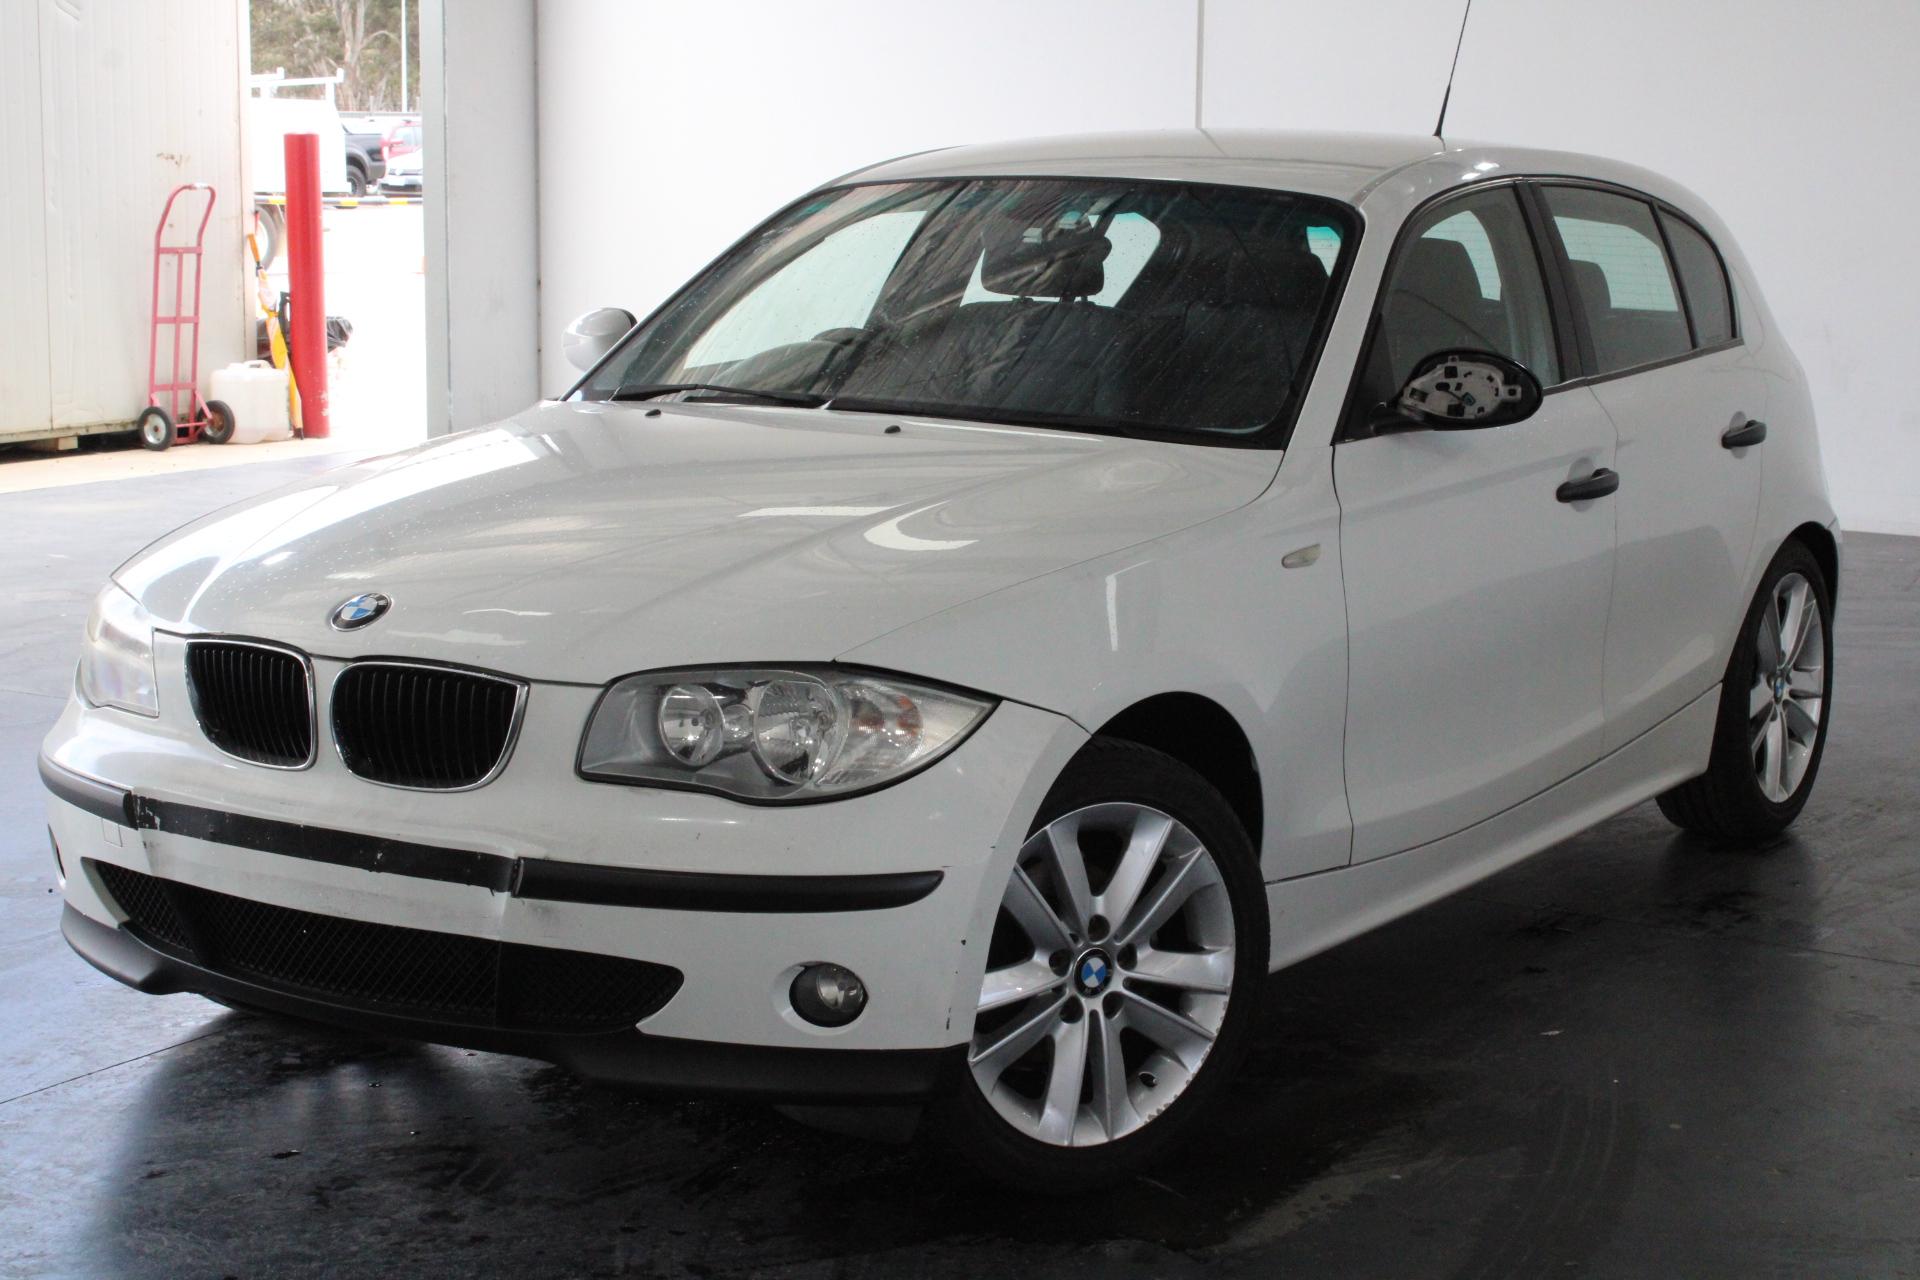 2006 BMW 1 16i E87 Manual Hatchback